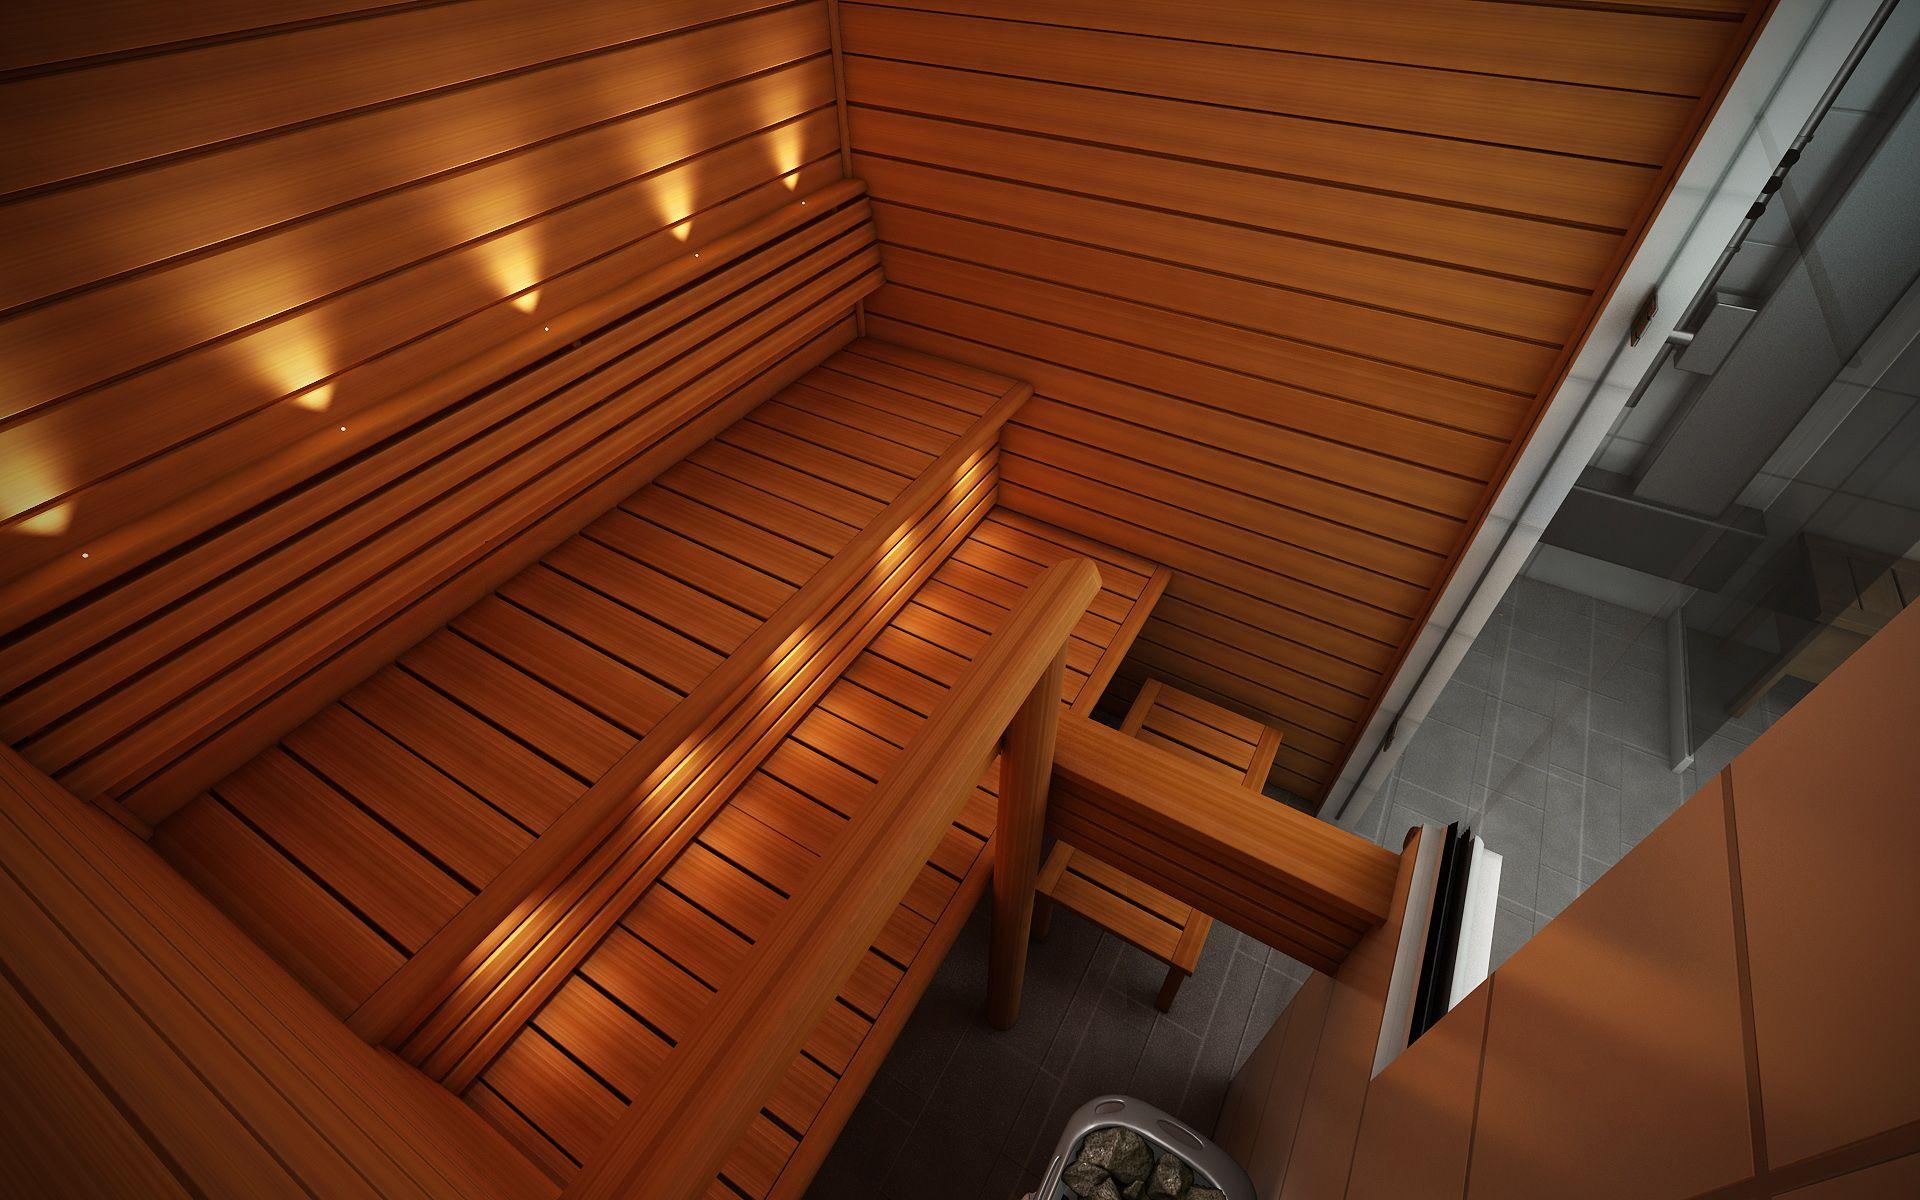 Galleria - Kategoria: 3D kuvat Swing lauteista | Sun Sauna Kotikylpylä